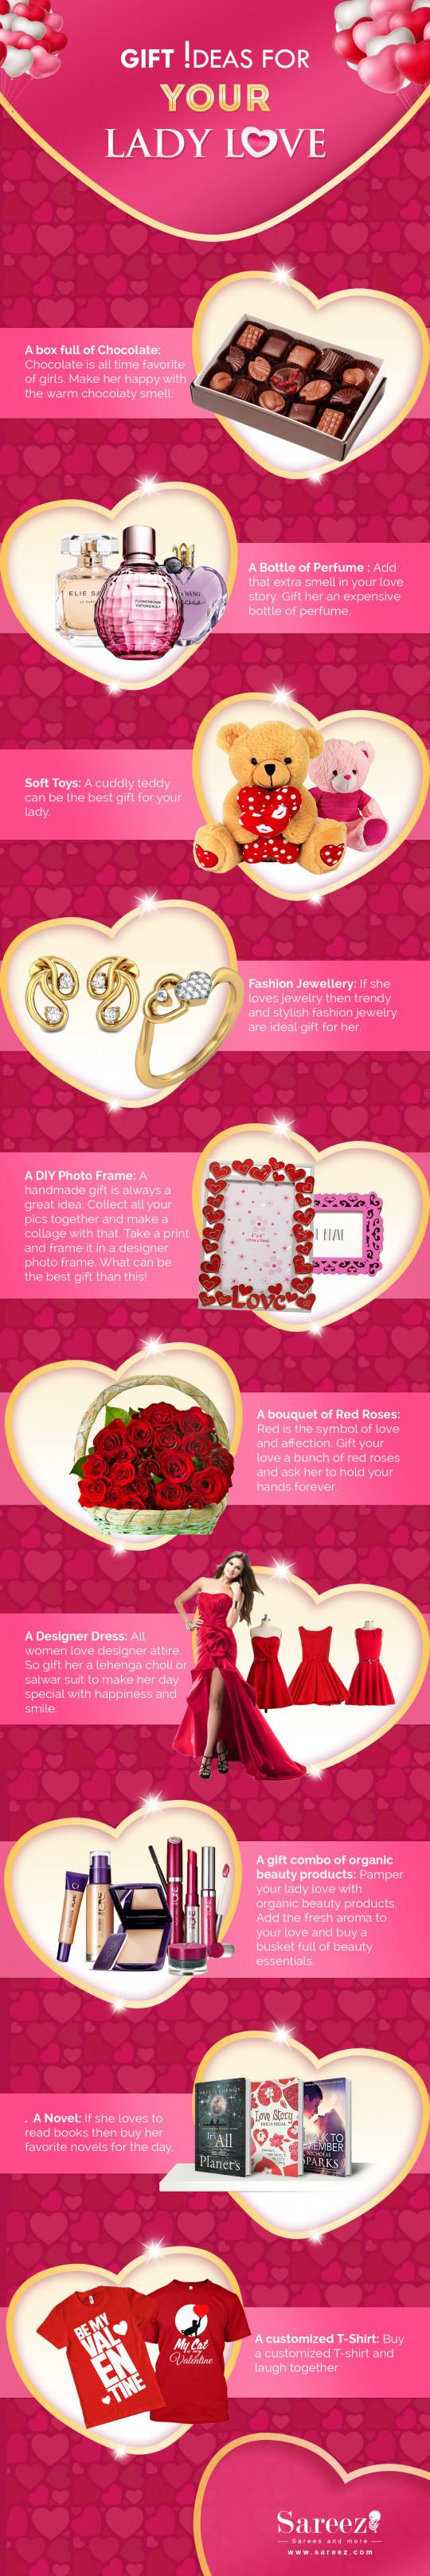 10 Best Valentine